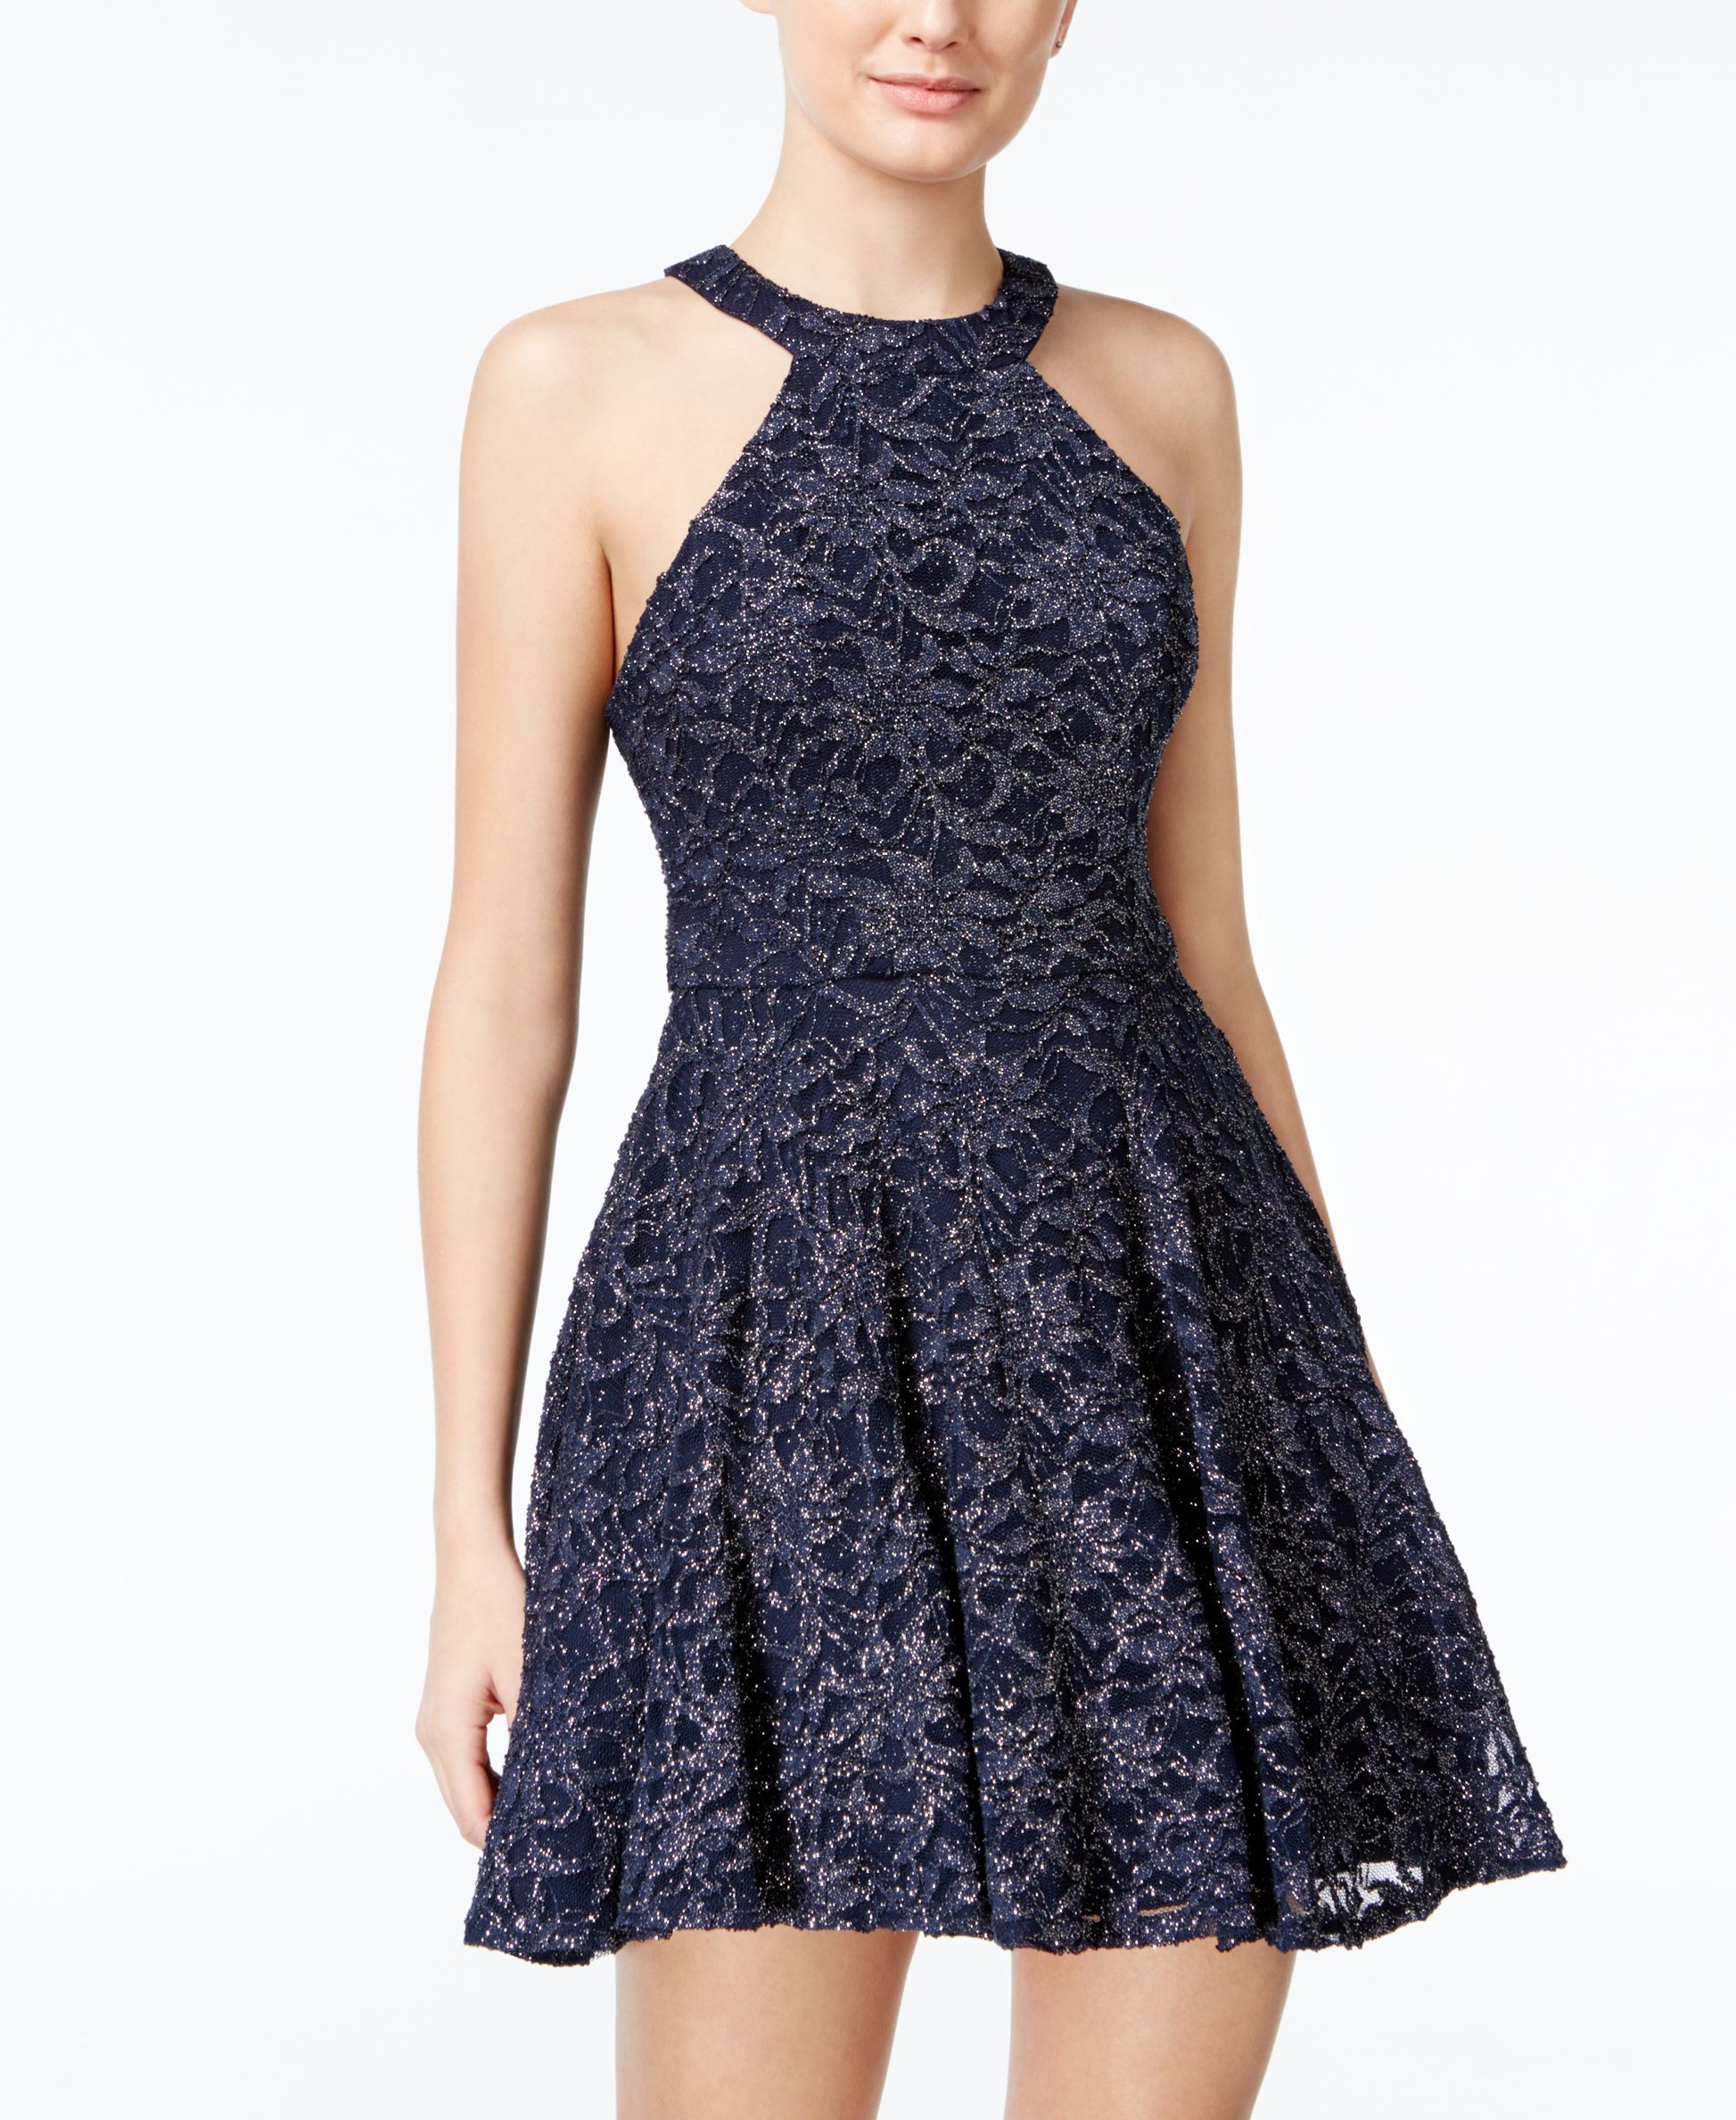 B darlin black lace dress  B Darlin Juniorsu Glitter Lace Fit u Flare Dress  Fit flare dress